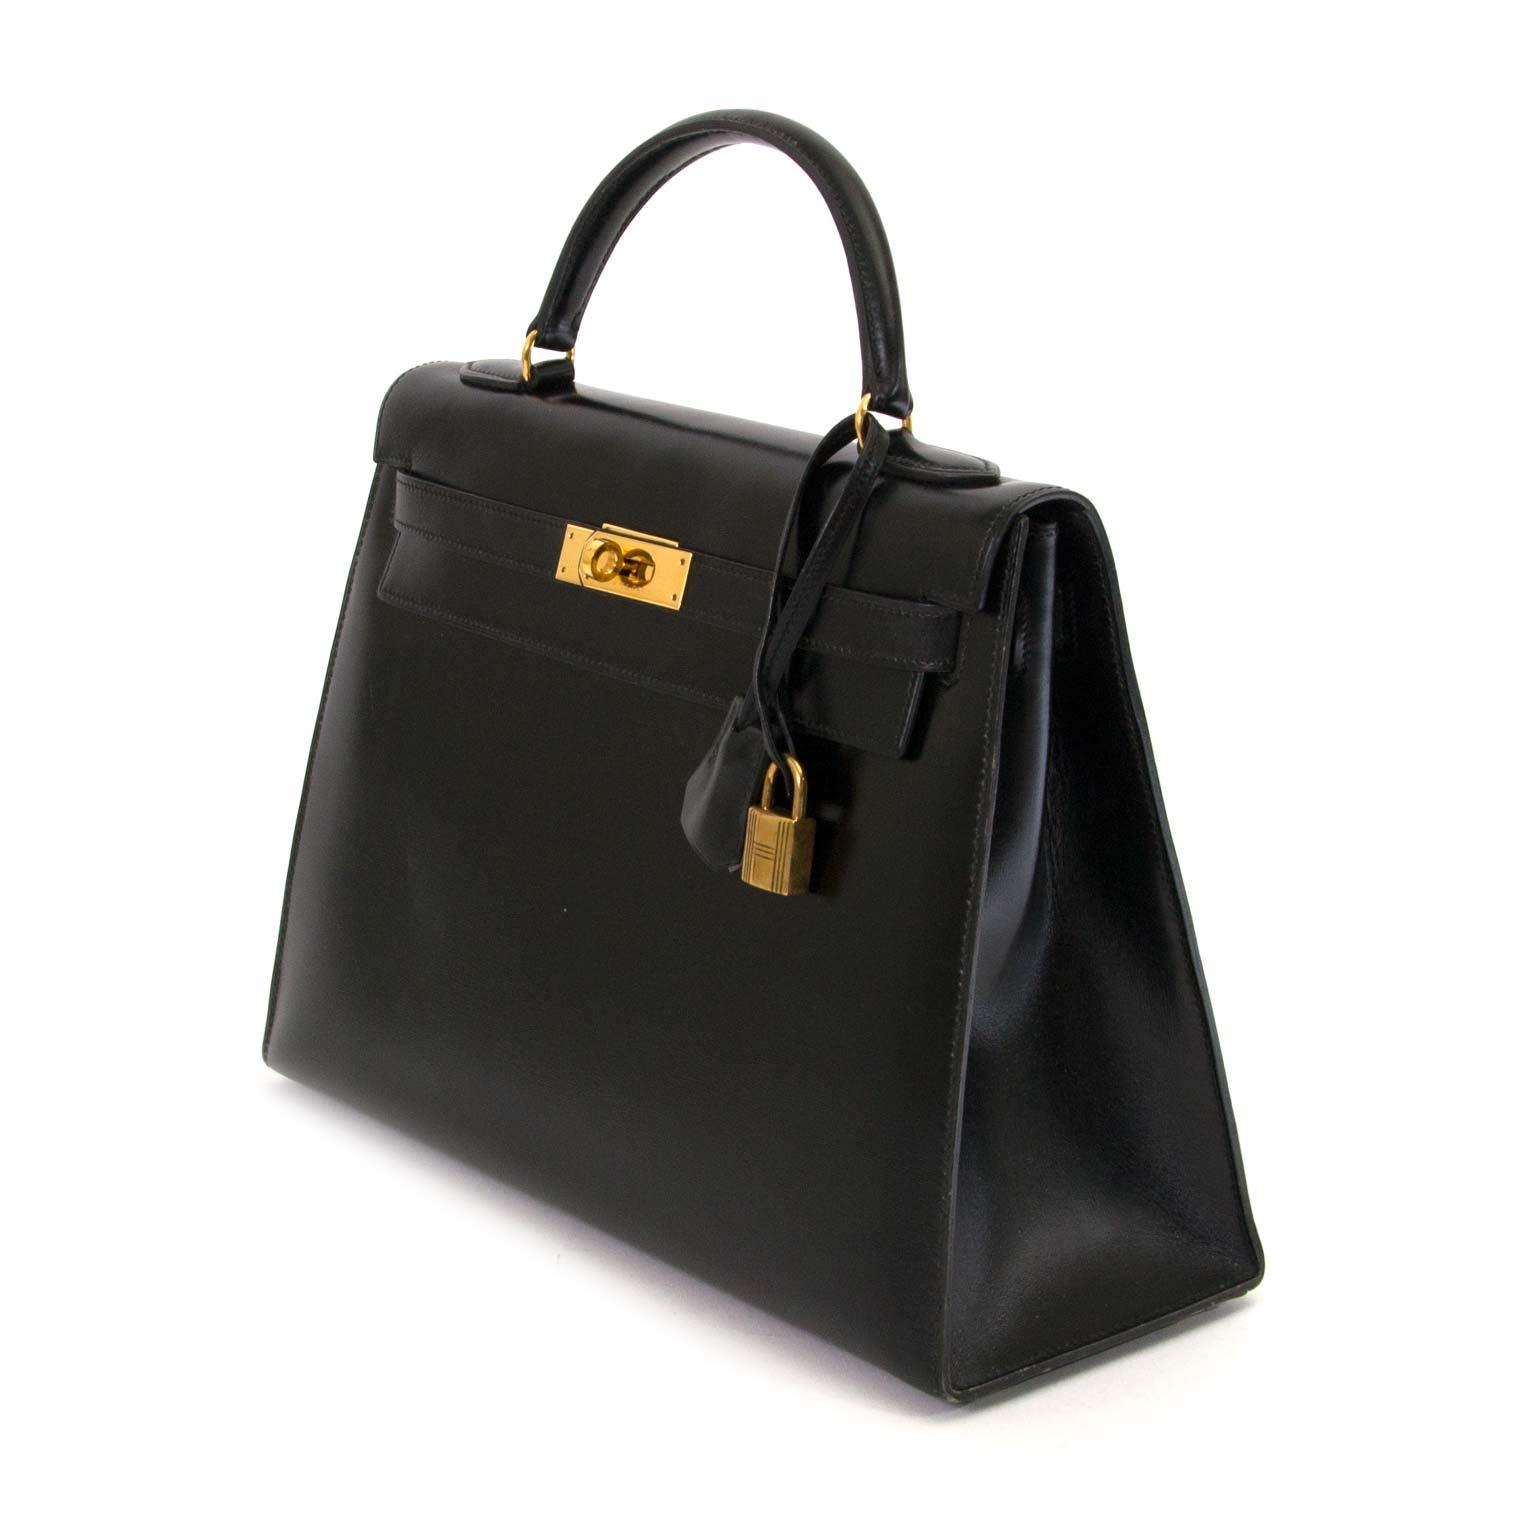 Hermès Kelly 32 Black Box Calf GHW kopen en verkopen aan de beste prijs bij Labellov